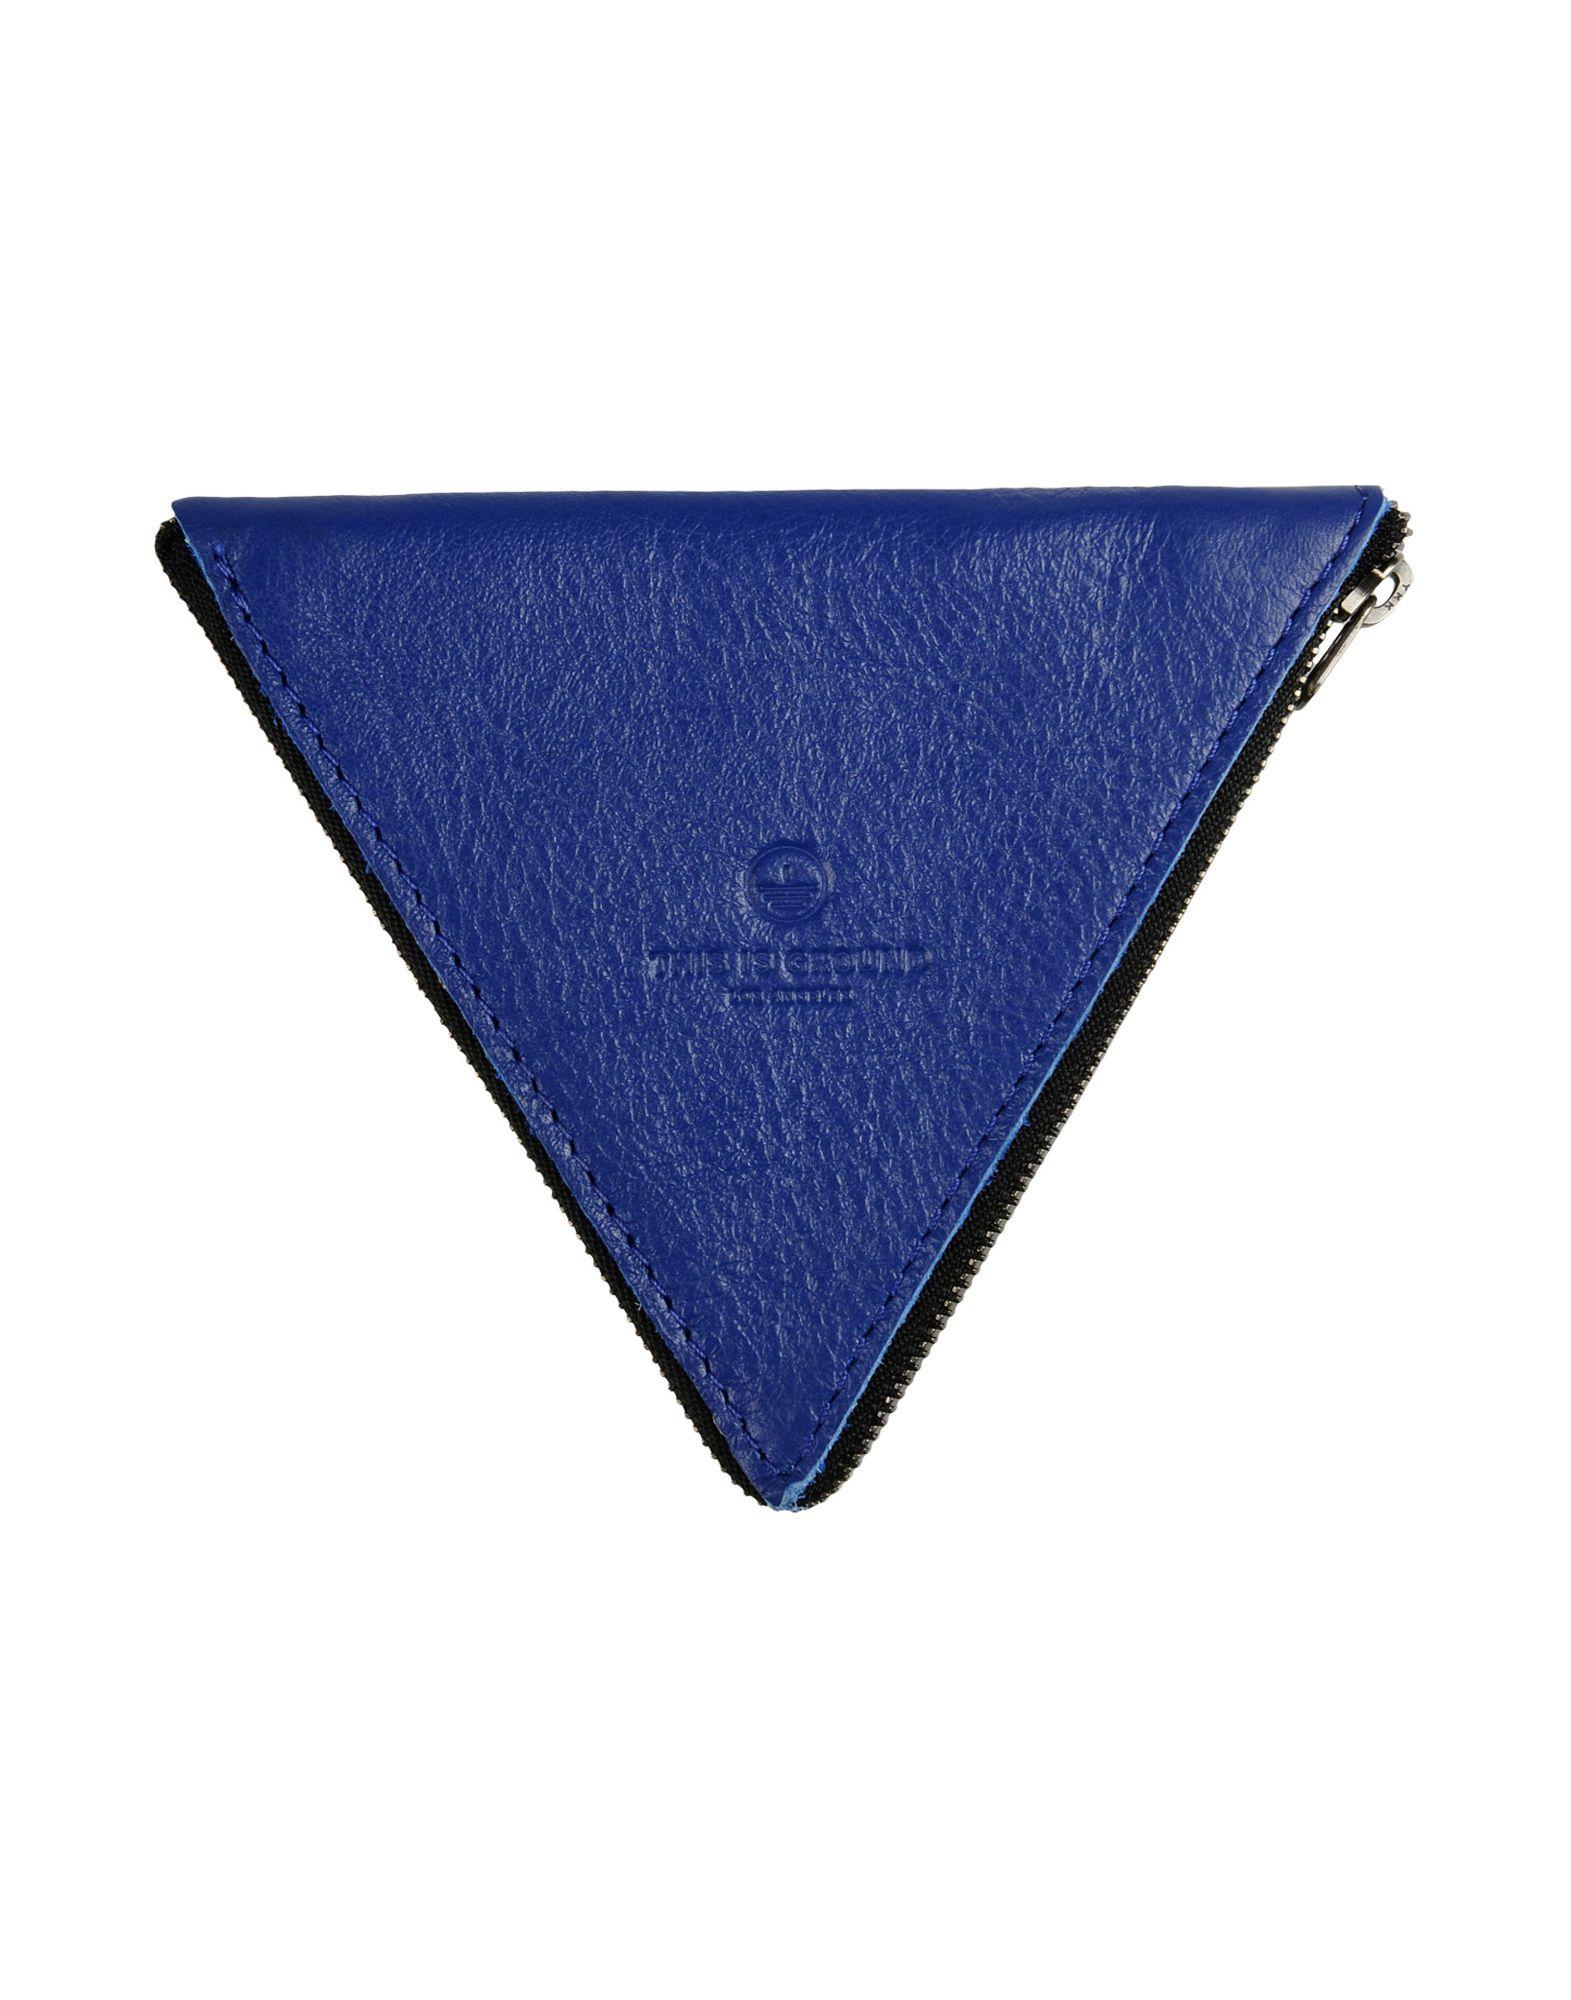 THIS IS GROUND Unisex Portemonnaie Farbe Blau Größe 1